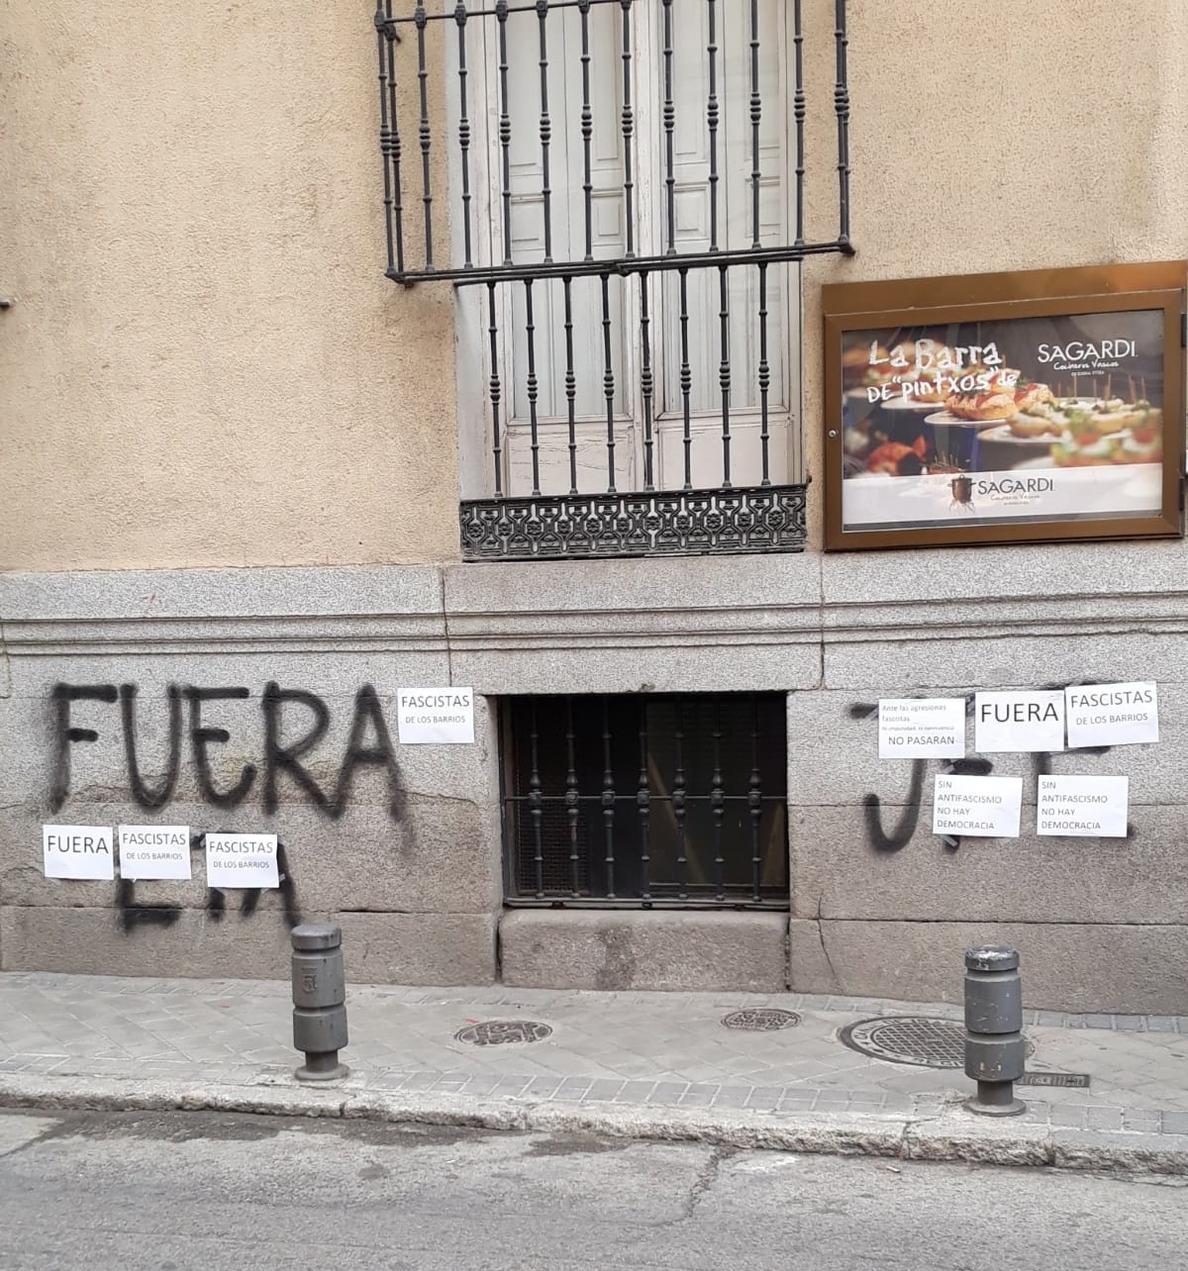 Aparecen pintadas de Falange contra ETA en el Hogar Vasco de Madrid, tapadas después con carteles antifascistas